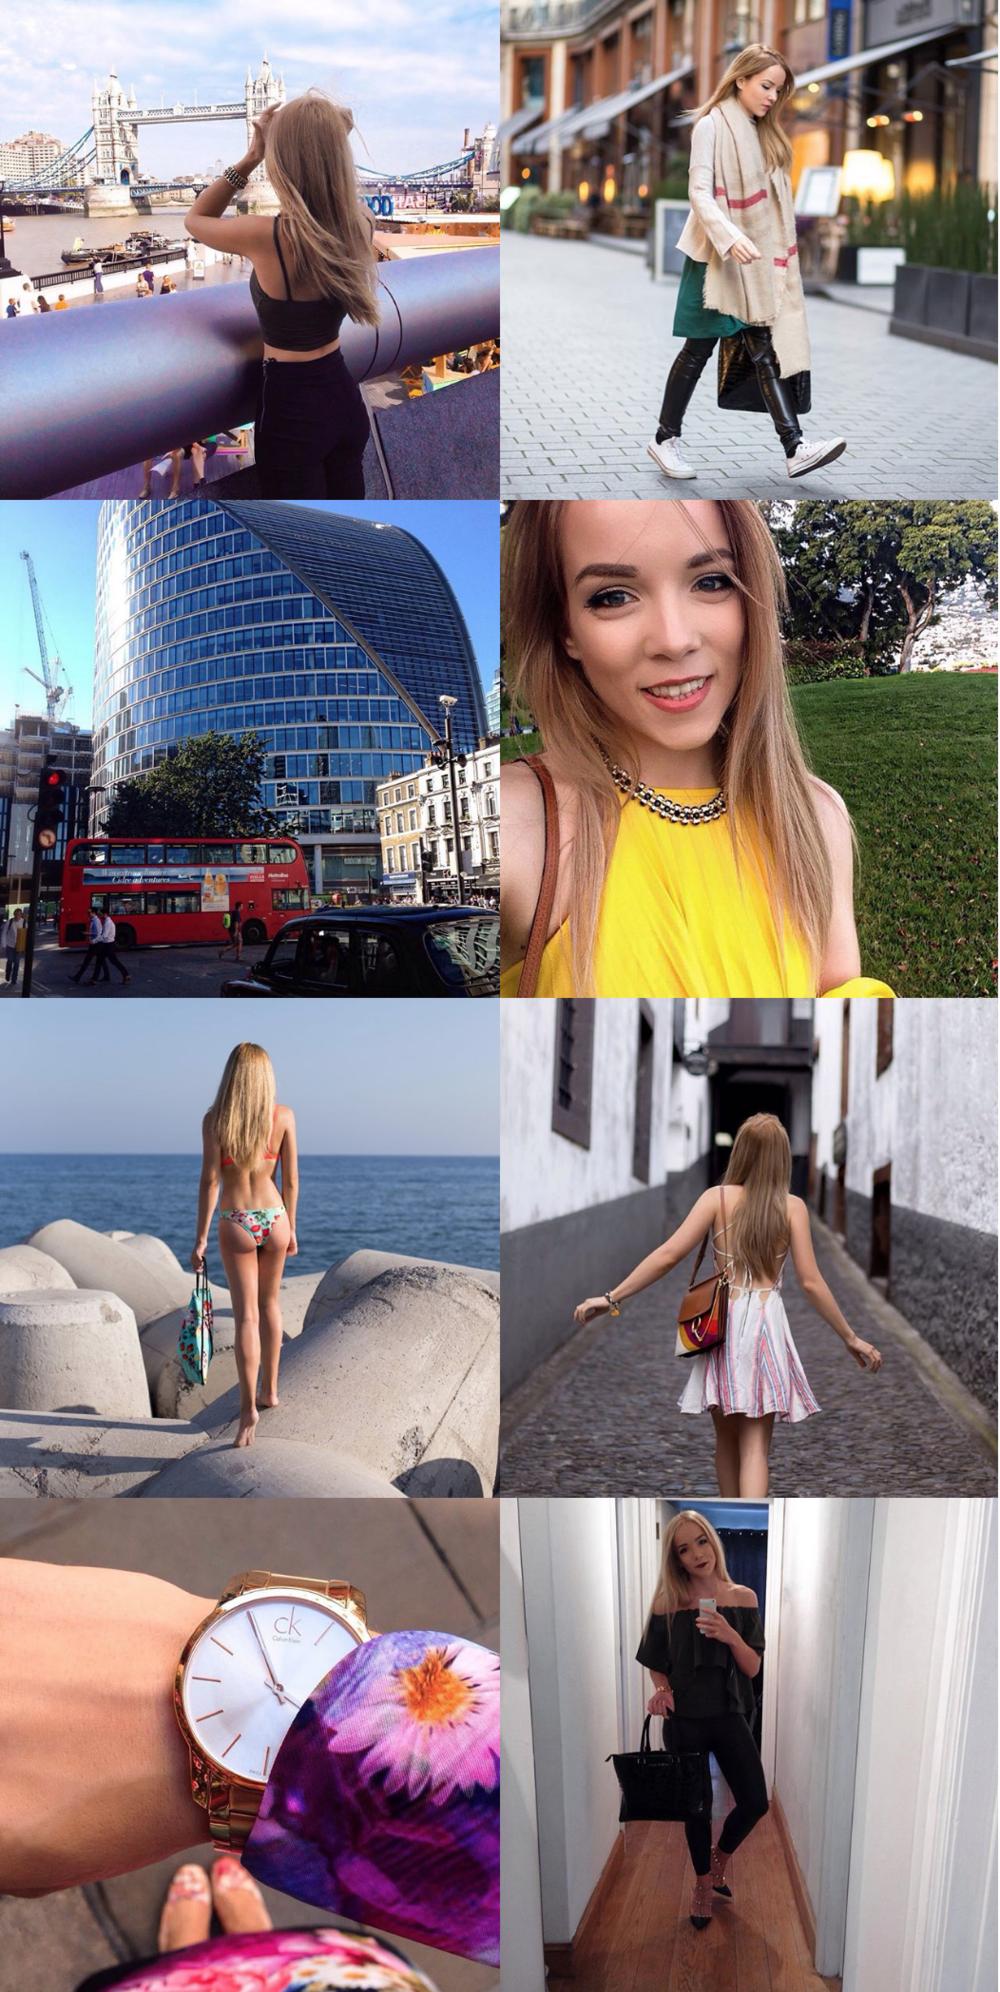 Instagram @miasoarez